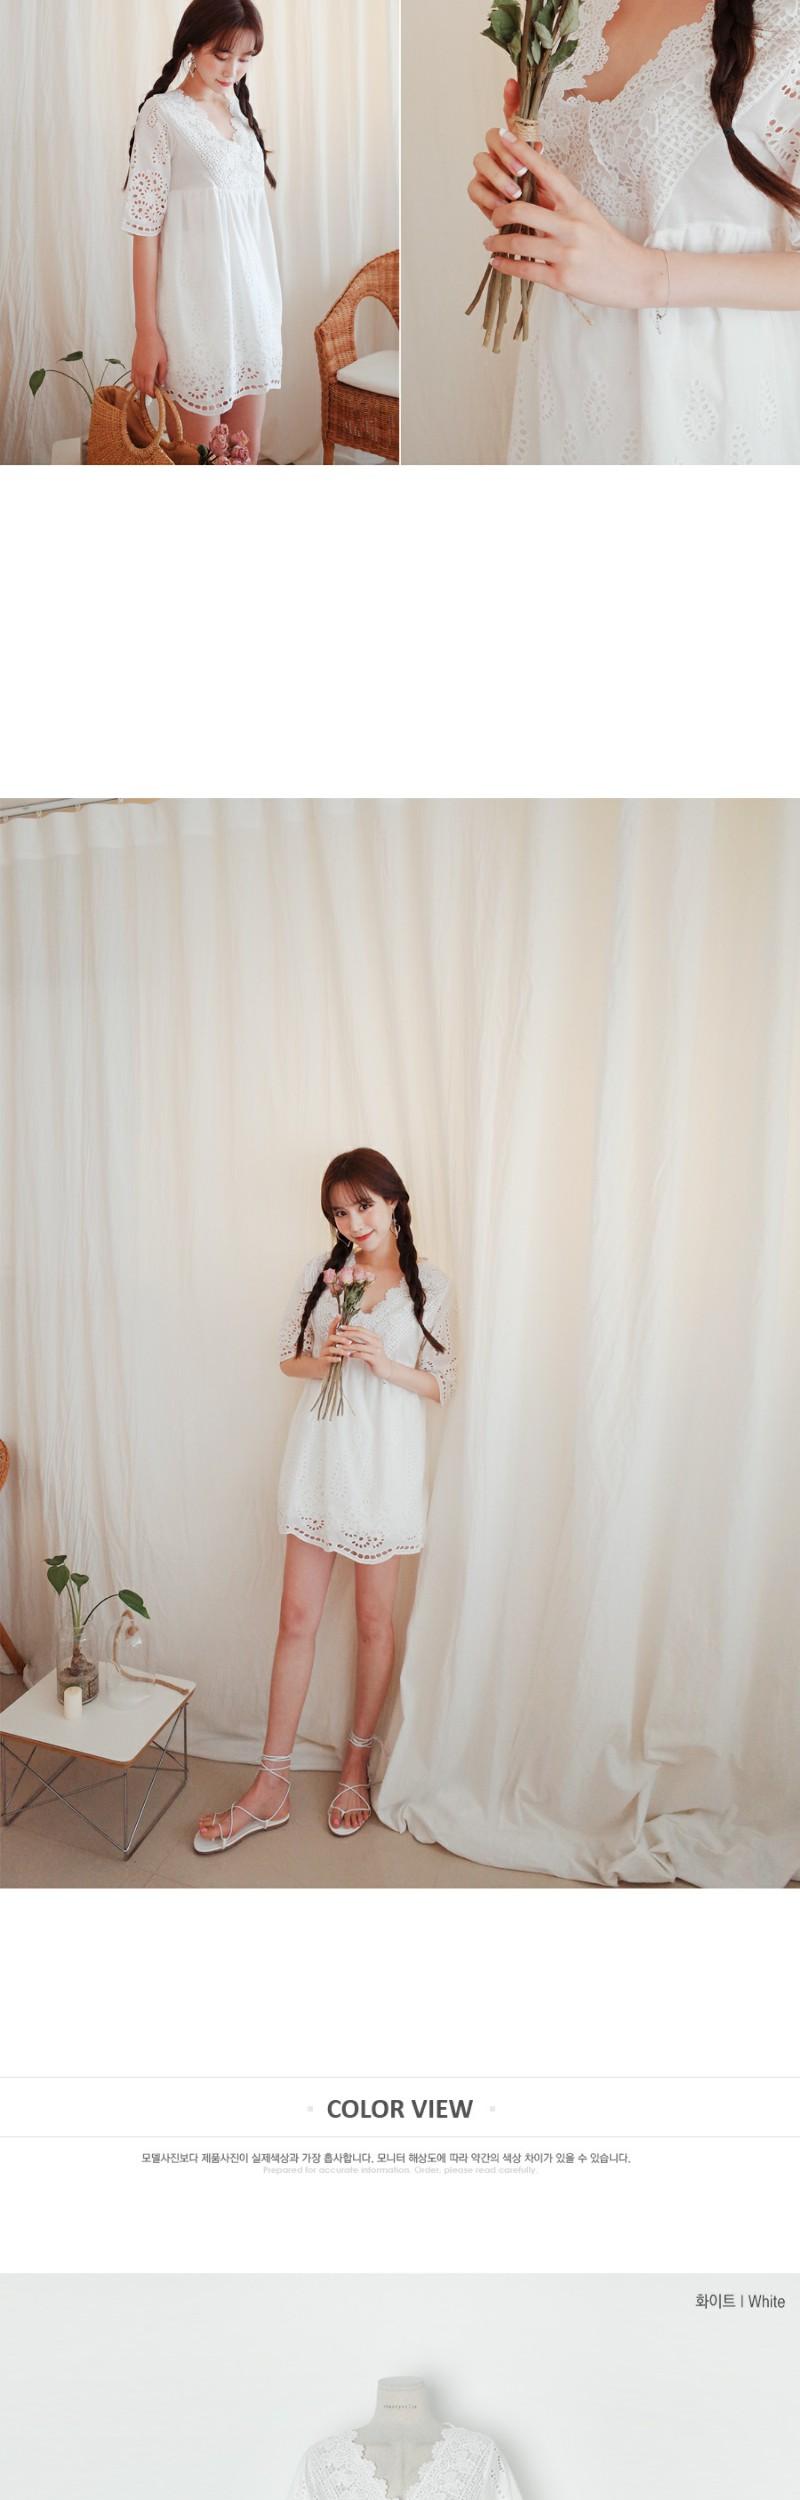 Lace Gully Dress